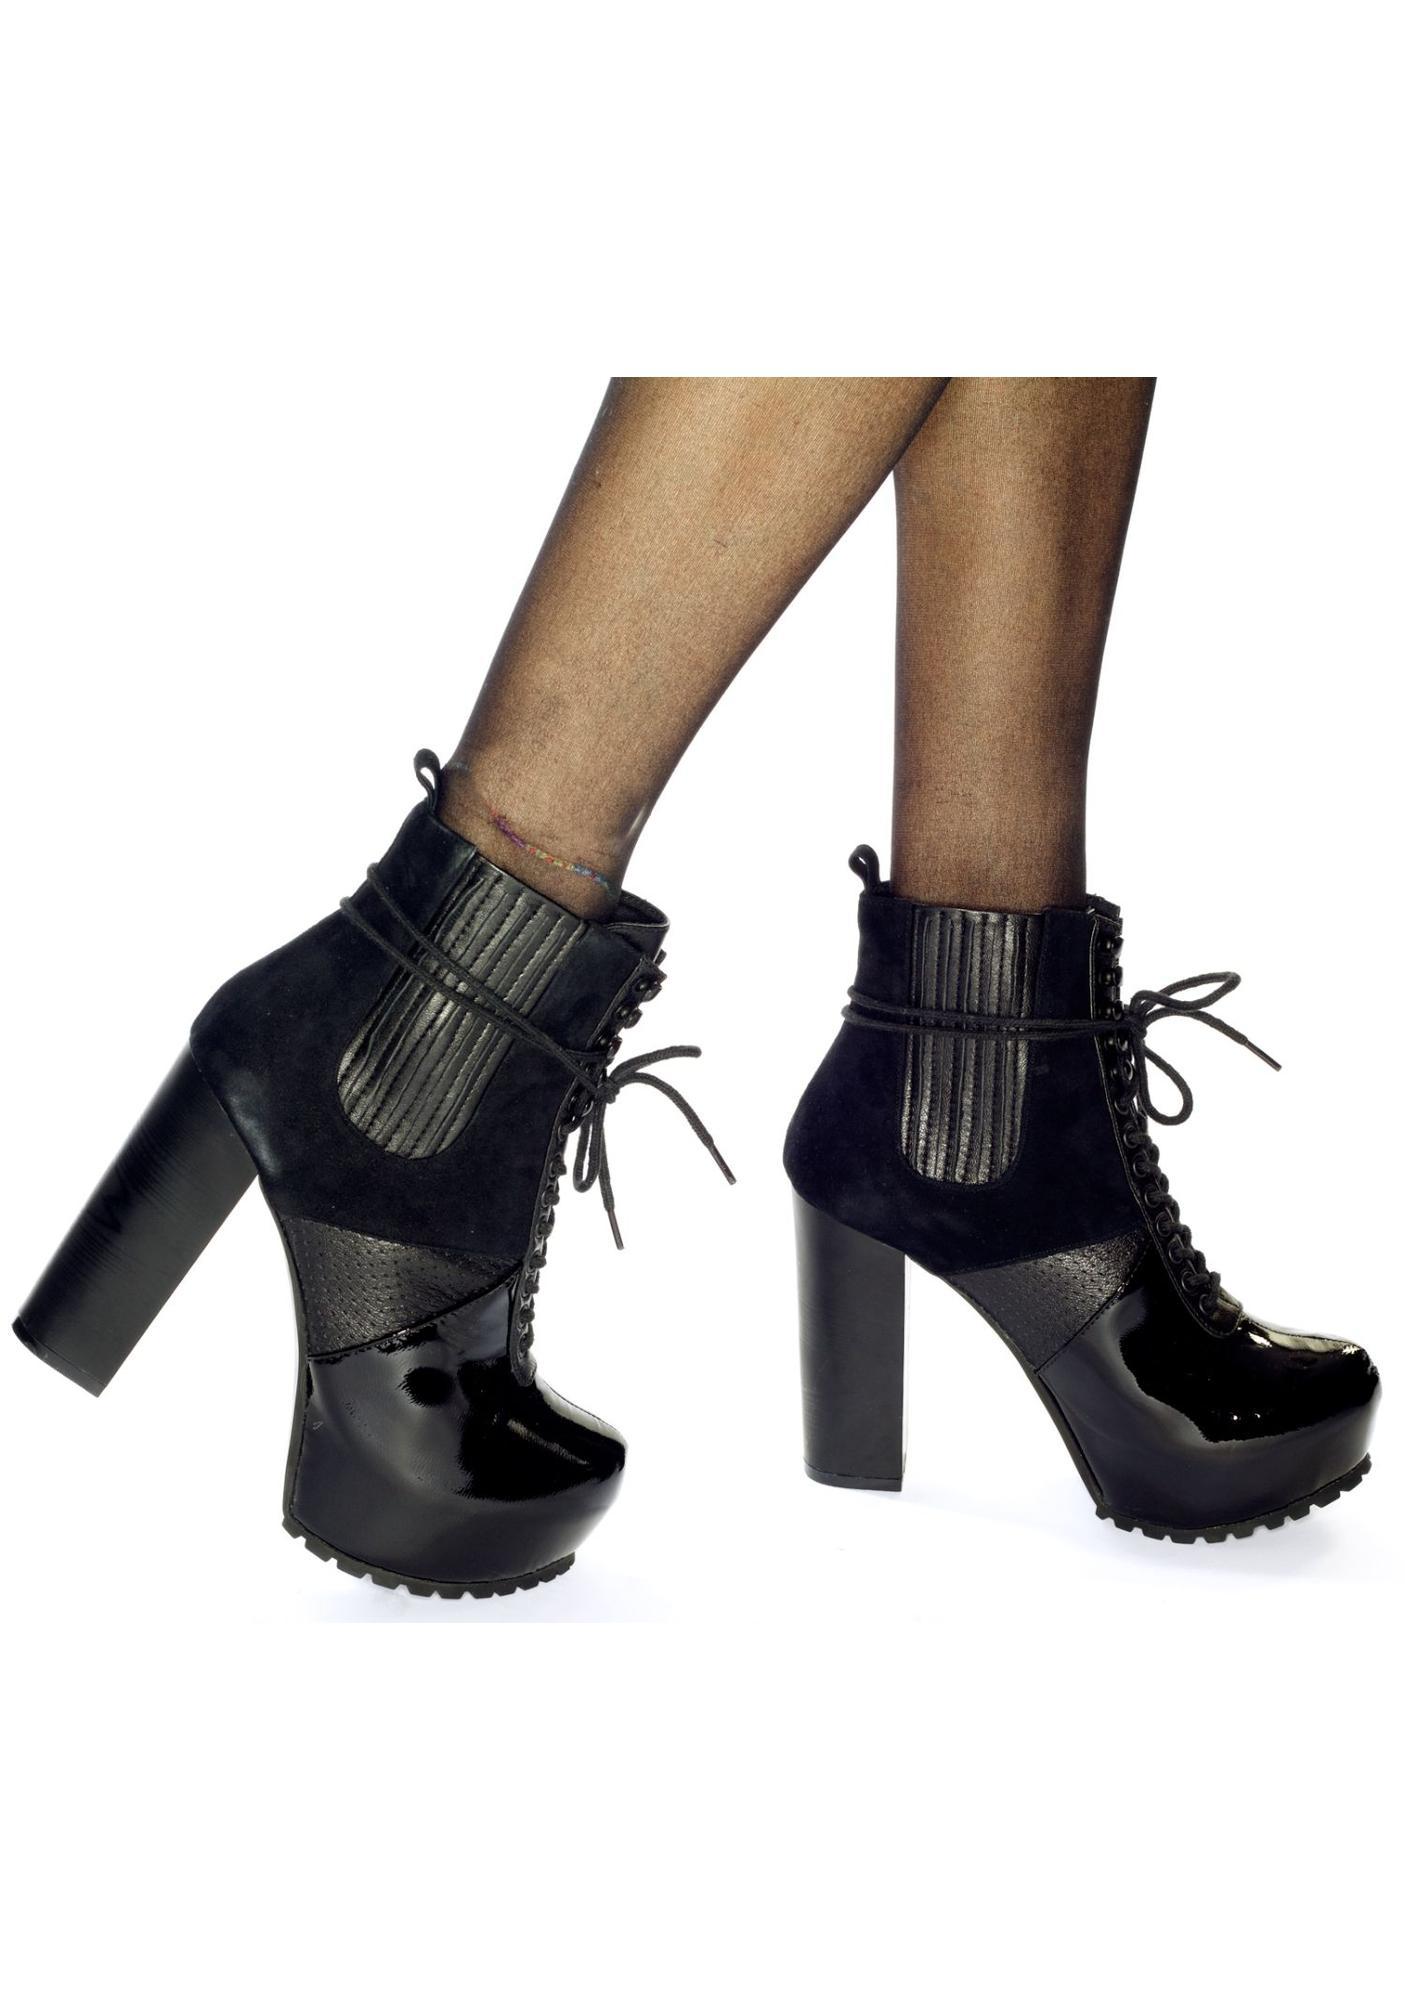 Al Boots